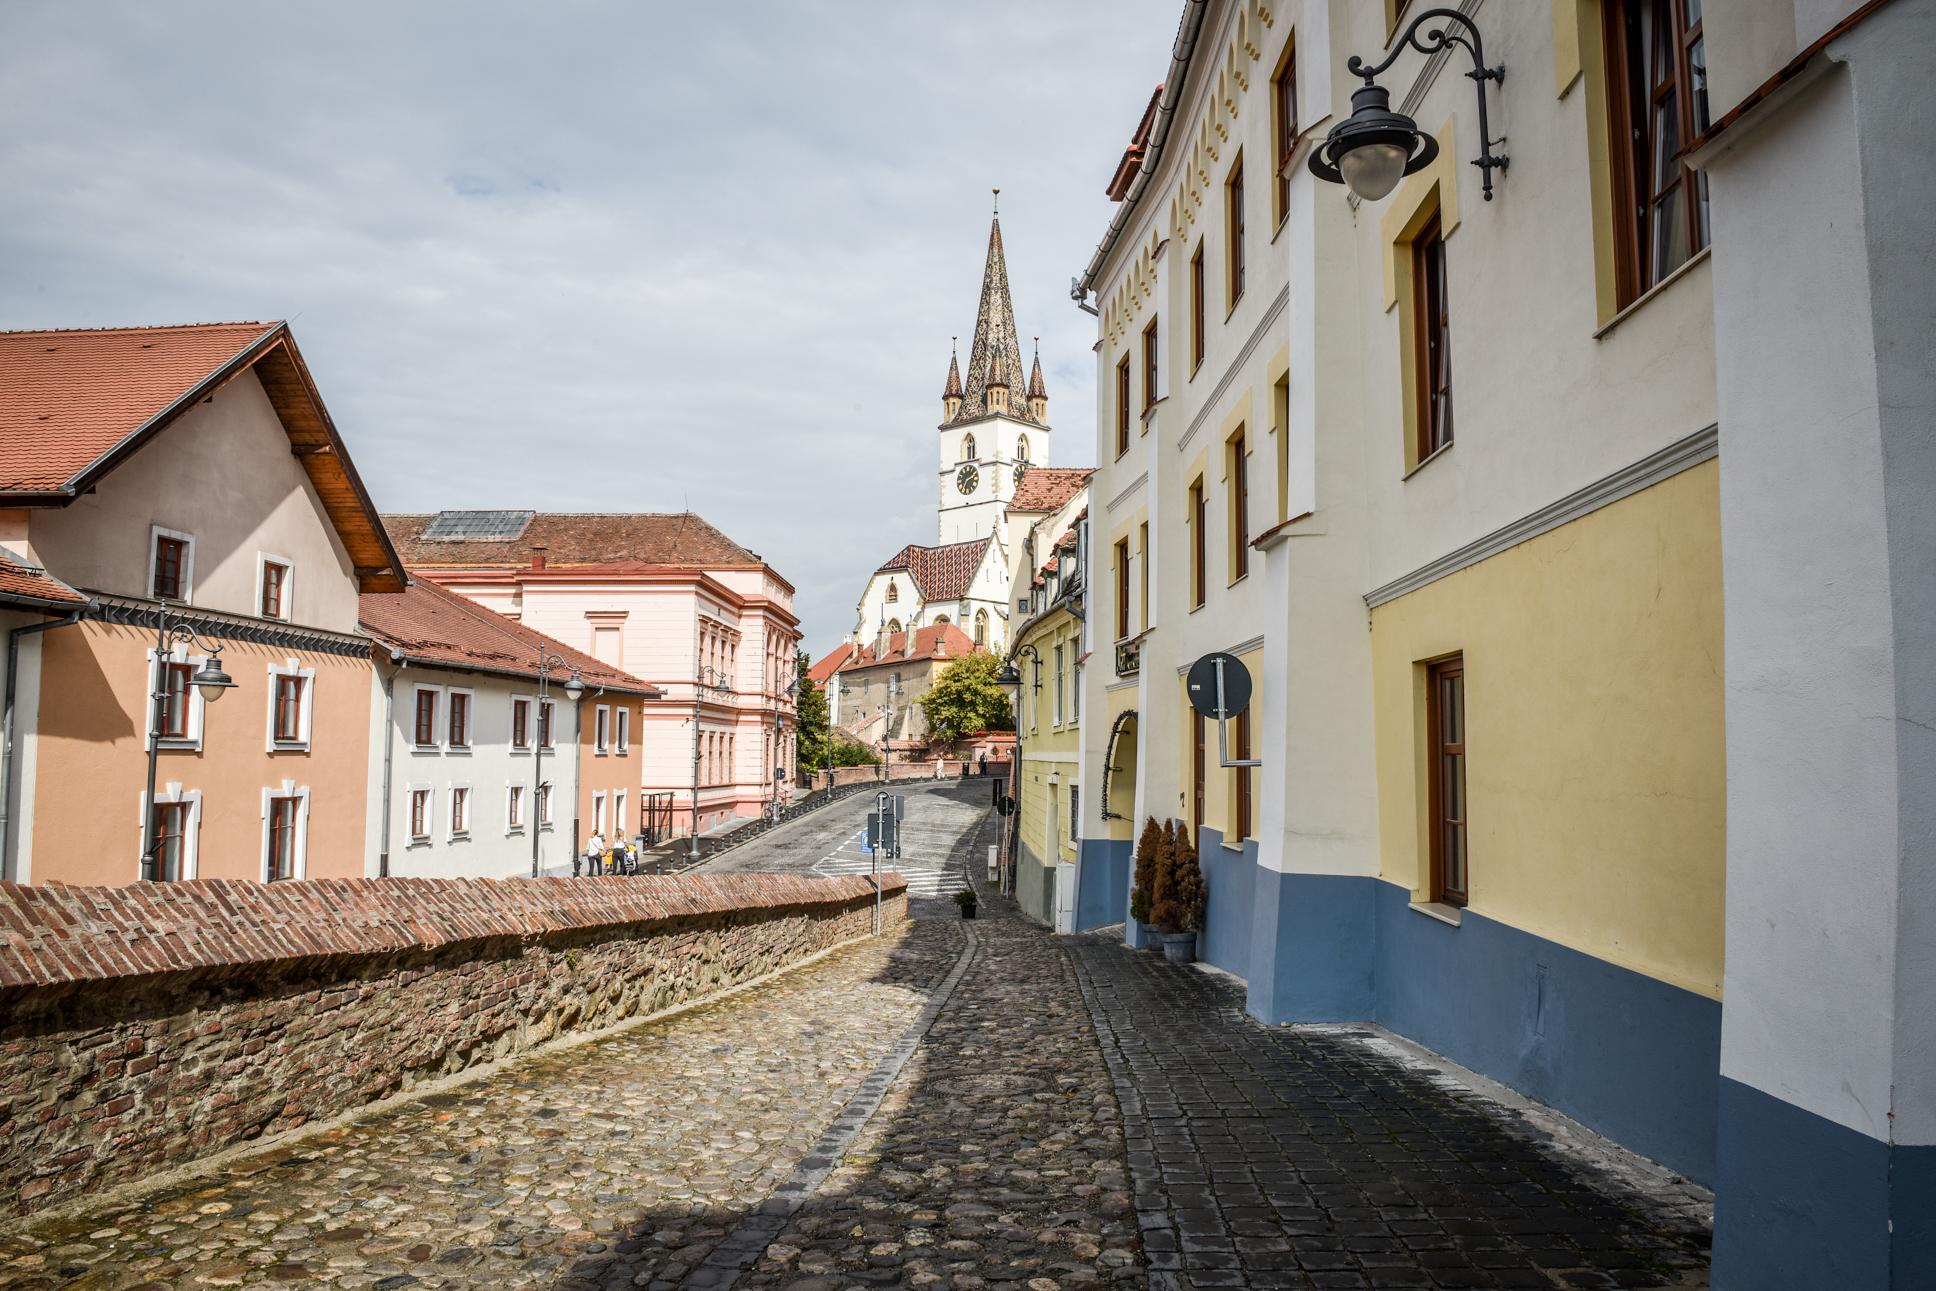 Aproape de 9 la mie în orașul Sibiu - incidența crește din nou. Peste 1.500 de cazuri active